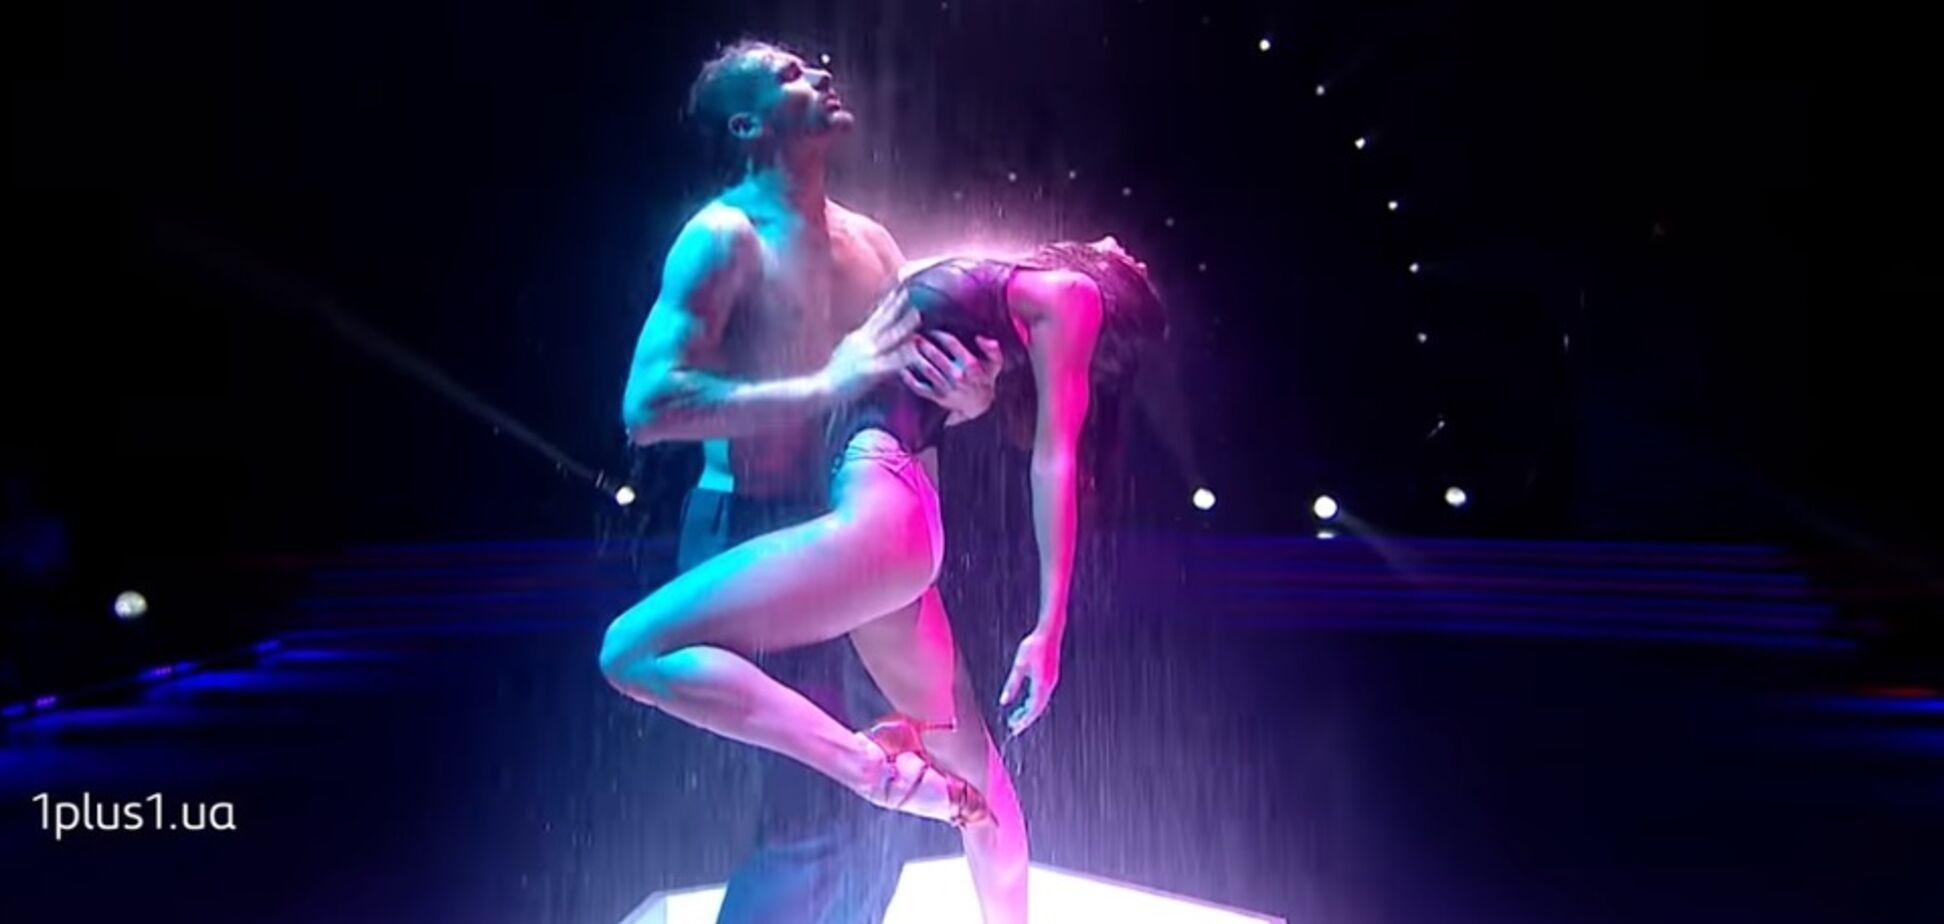 'Это было пошло!' Звезда 'Танців з зірками' возмутила сеть откровенным выступлением